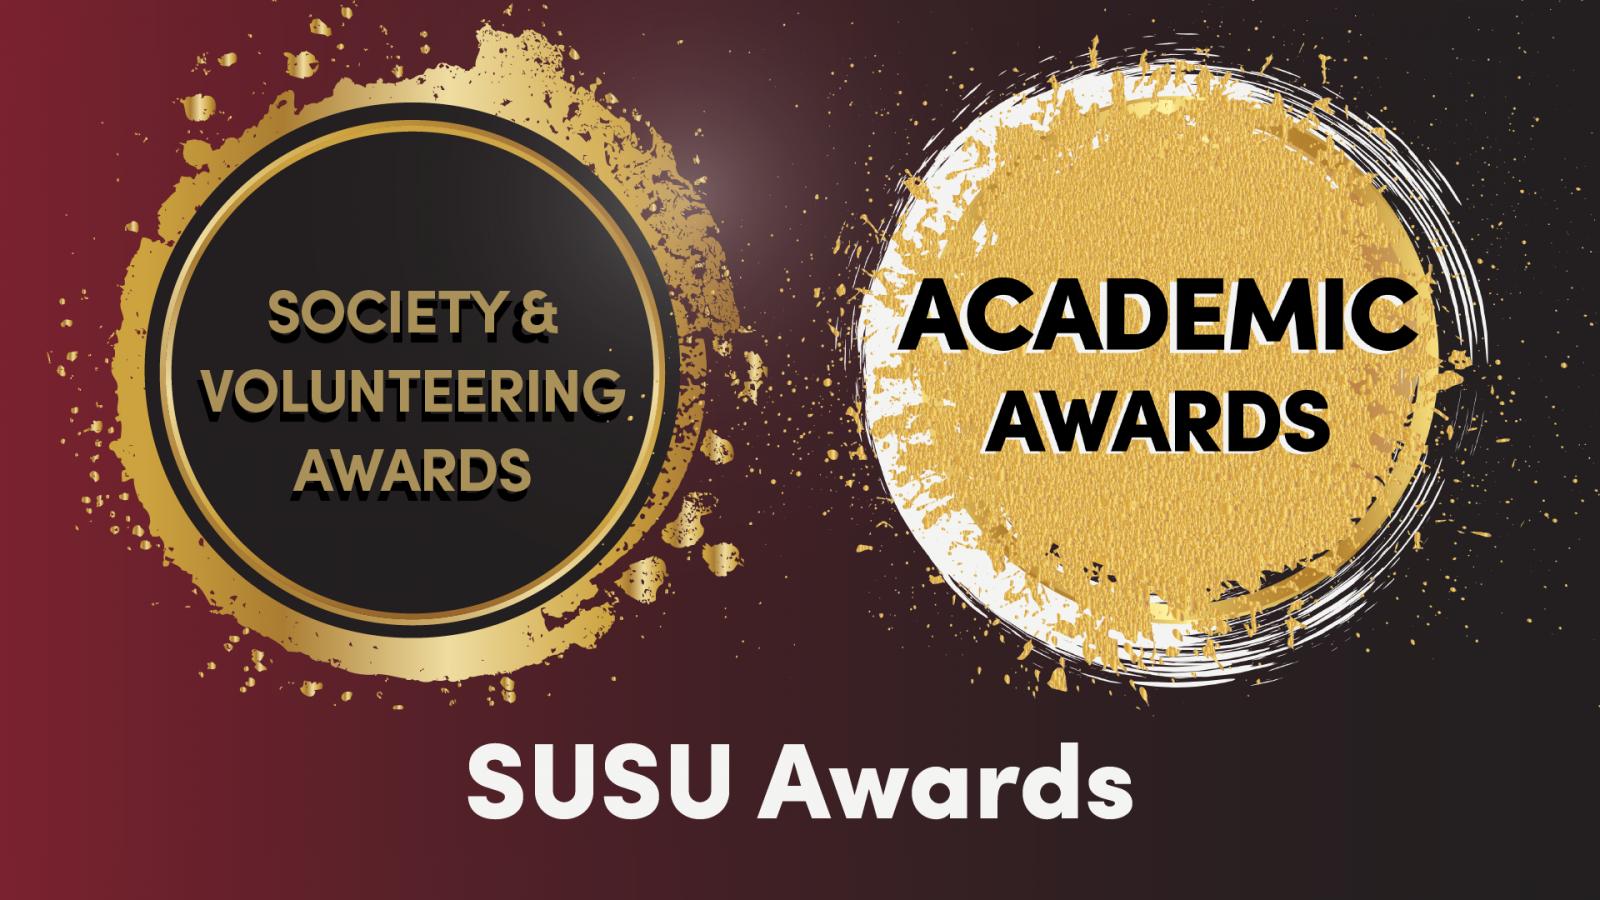 SUSU Awards